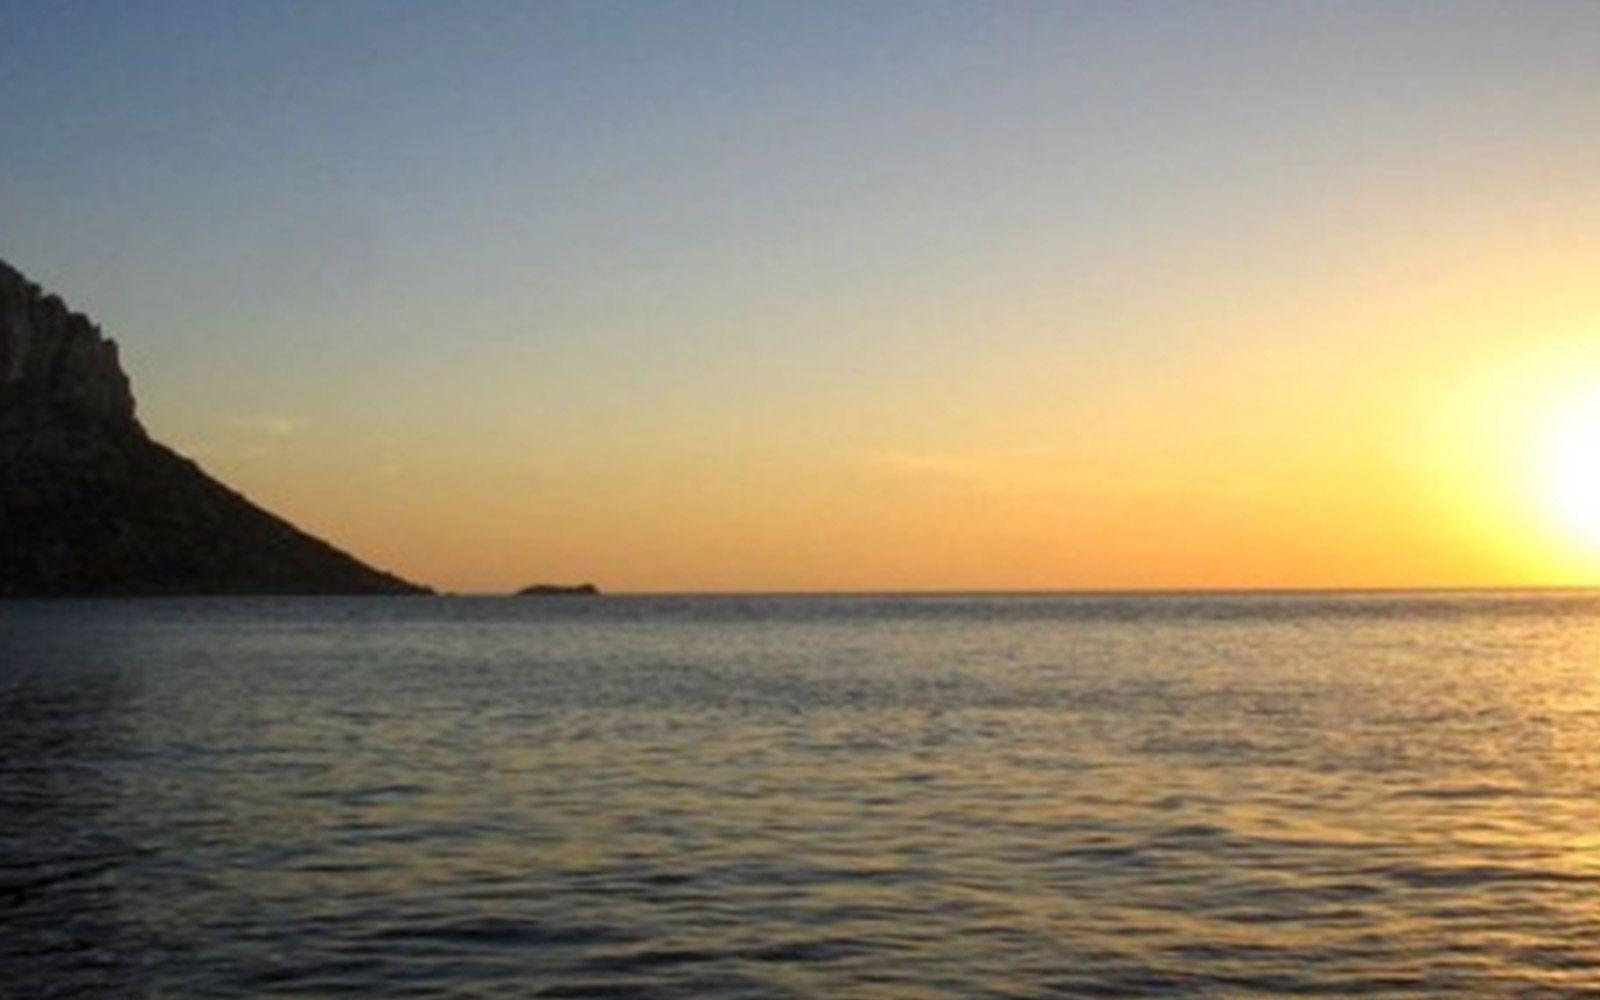 esvedra-ruta-Ibiza-Espalmador-Illetas-CalaJondal-EsVedra-IbizaPuerto-barcoibiza